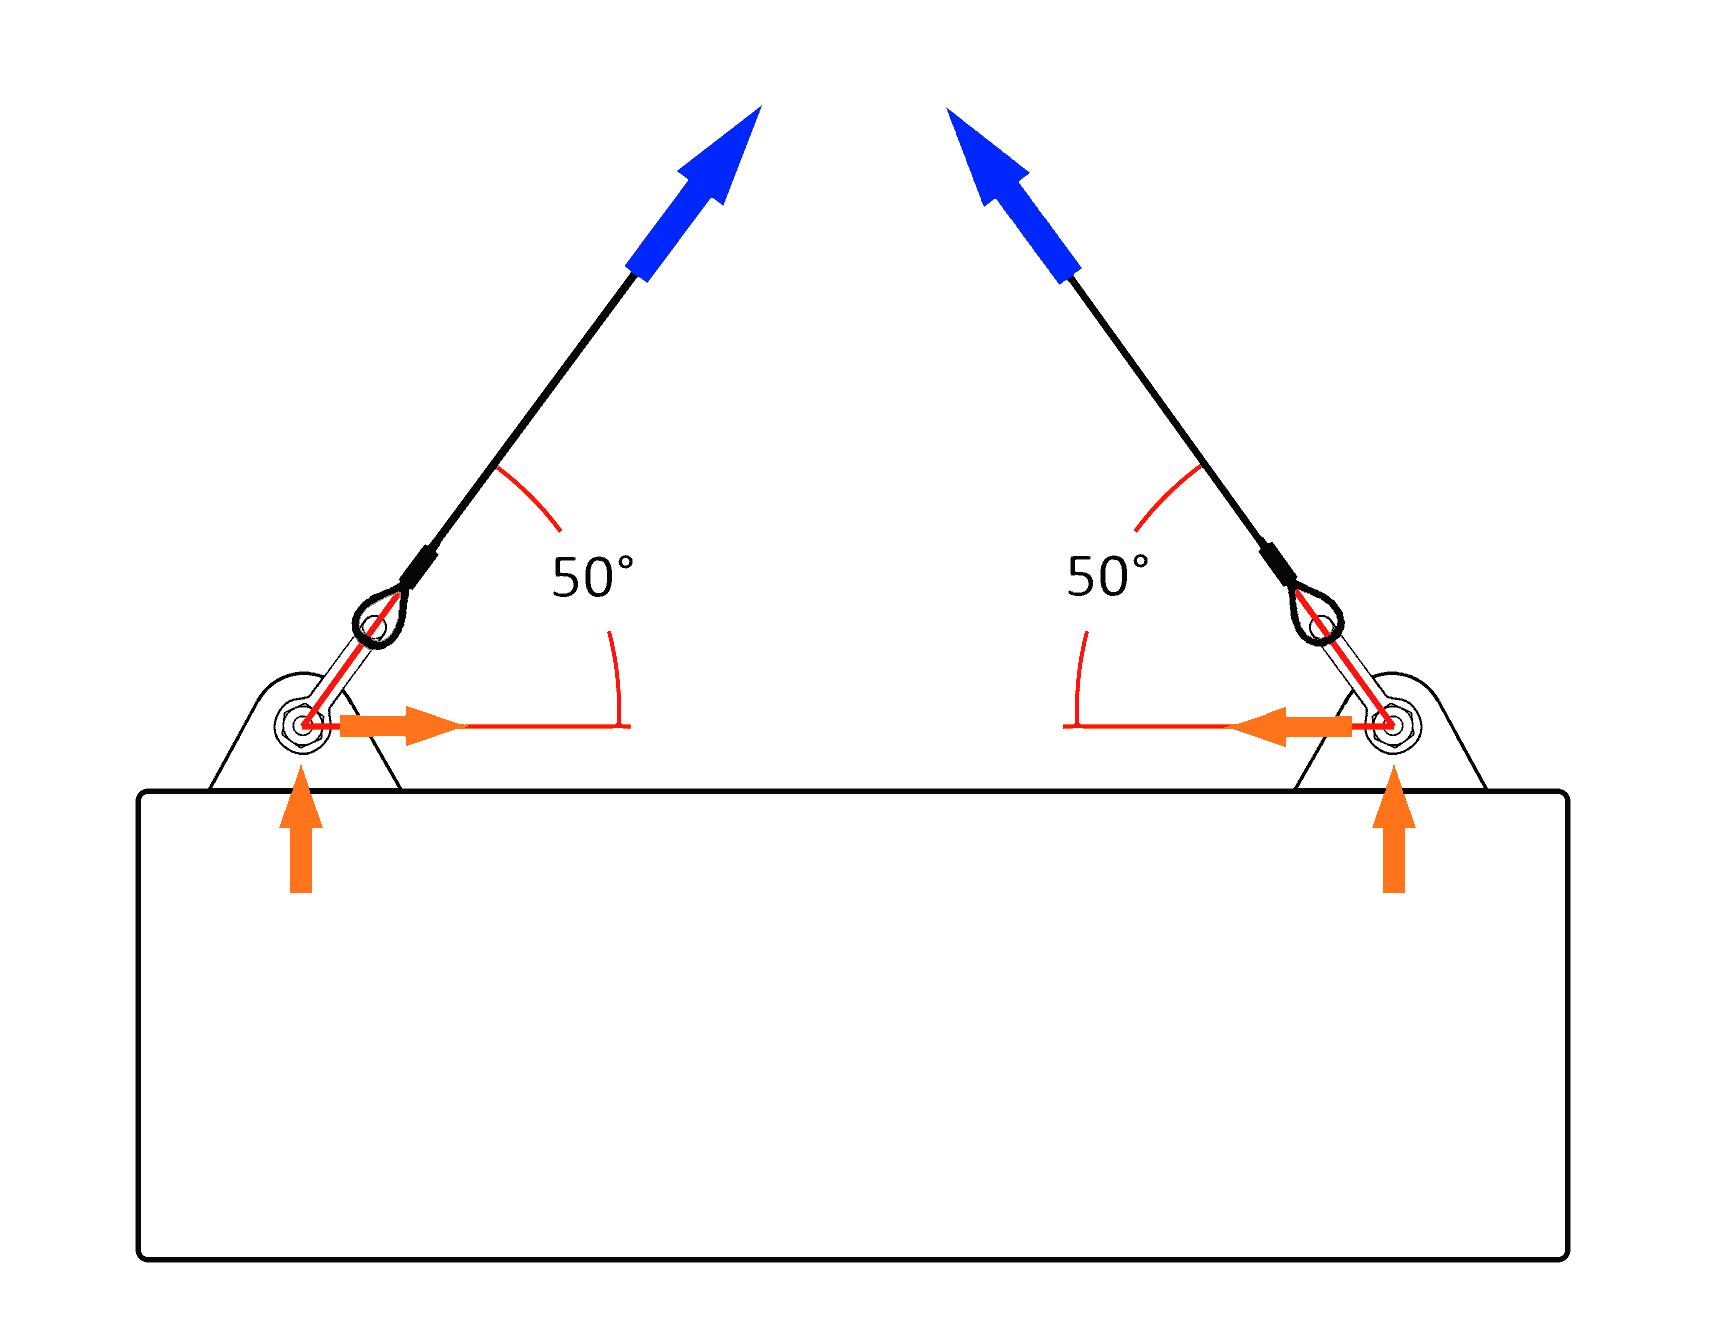 Angled Slings